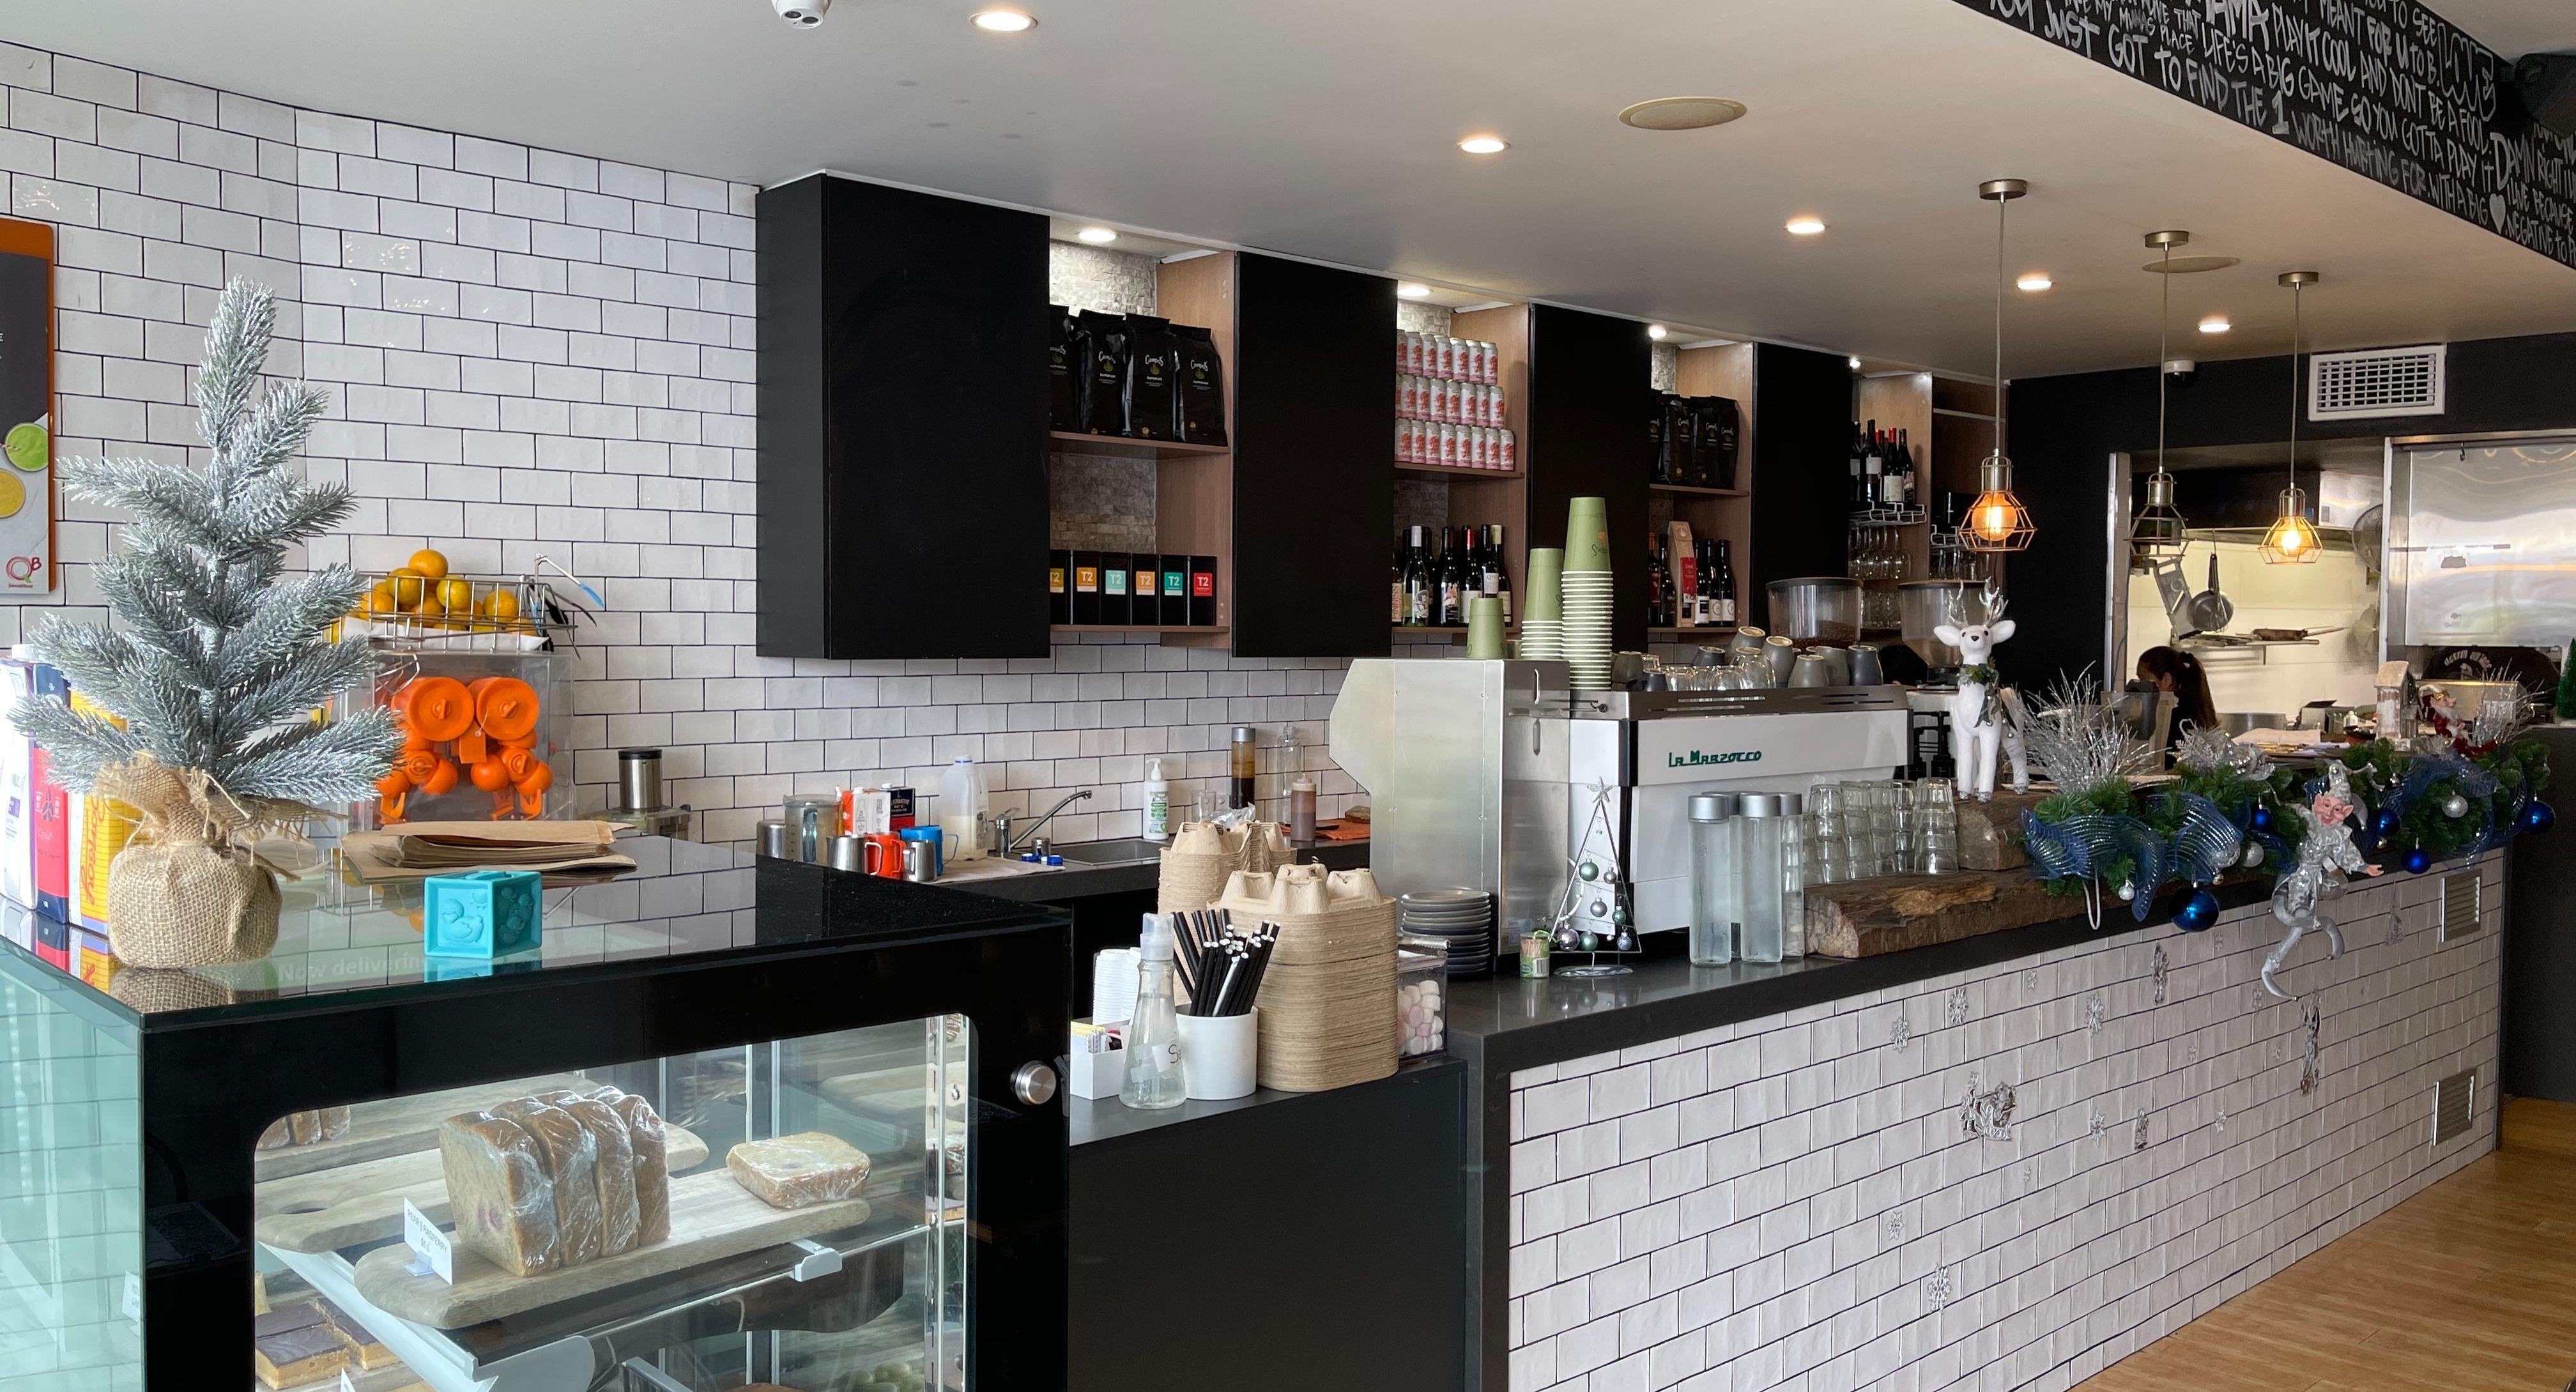 Photo of restaurant Cronulla Kitchen in Cronulla, Sydney